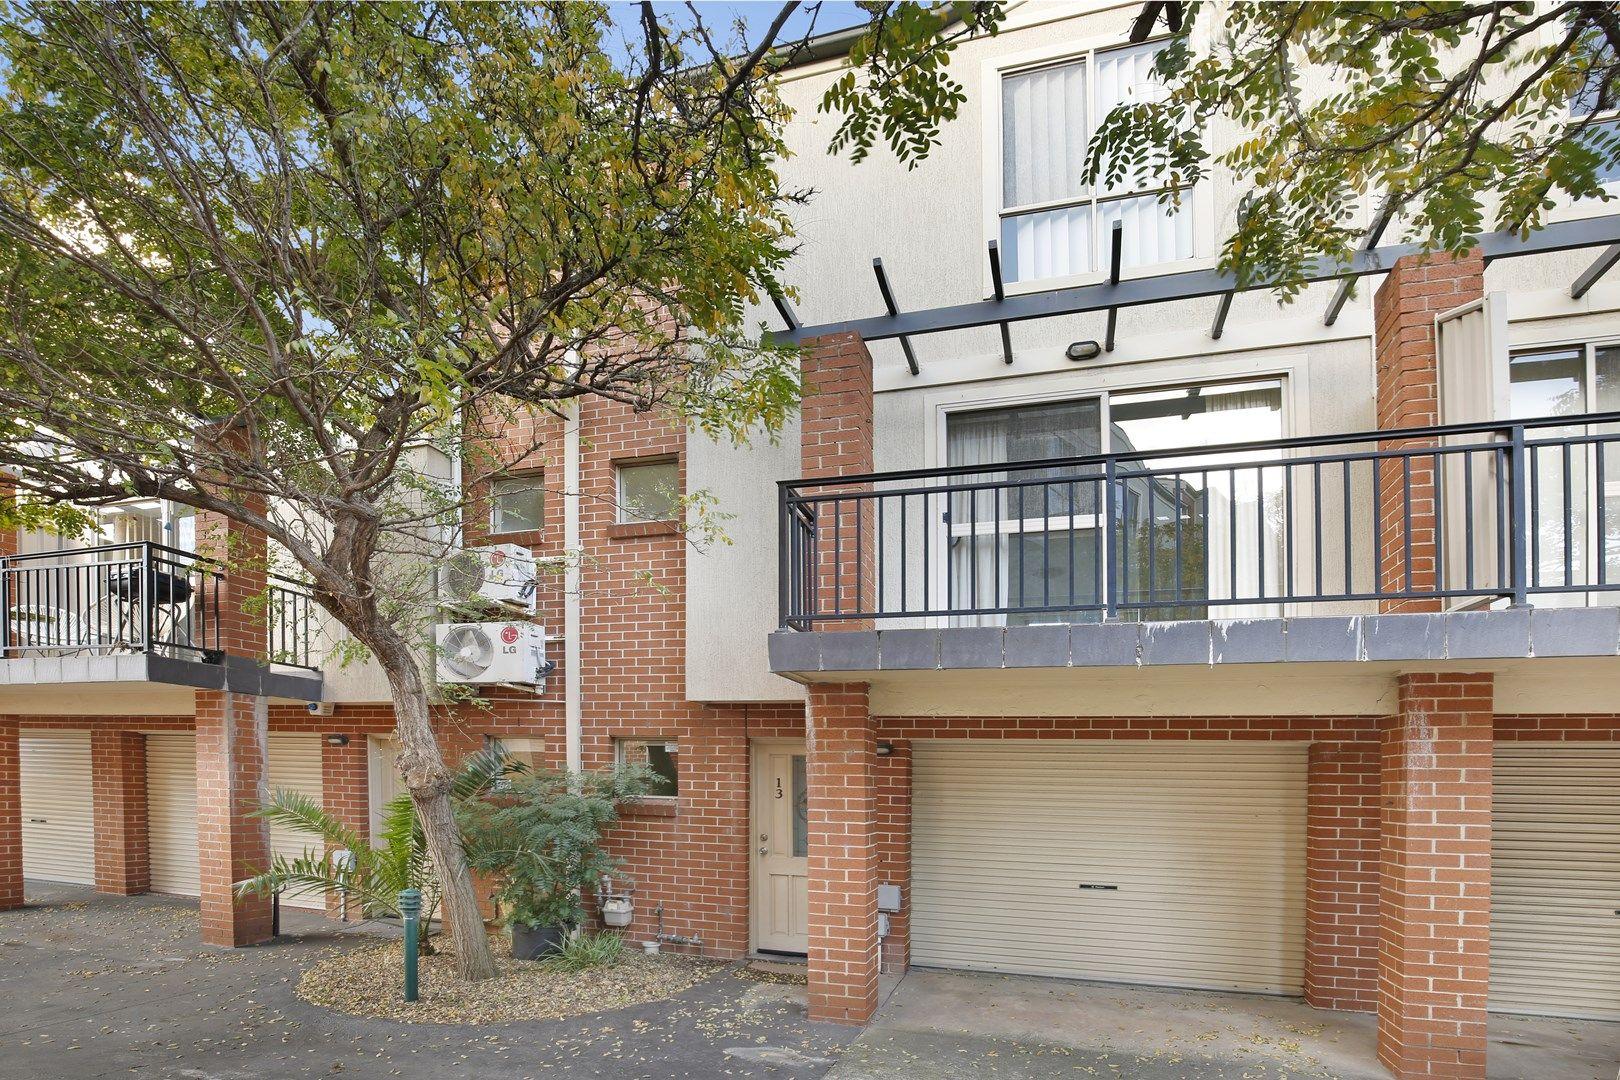 13/35 Bridge Street, Coniston NSW 2500, Image 0